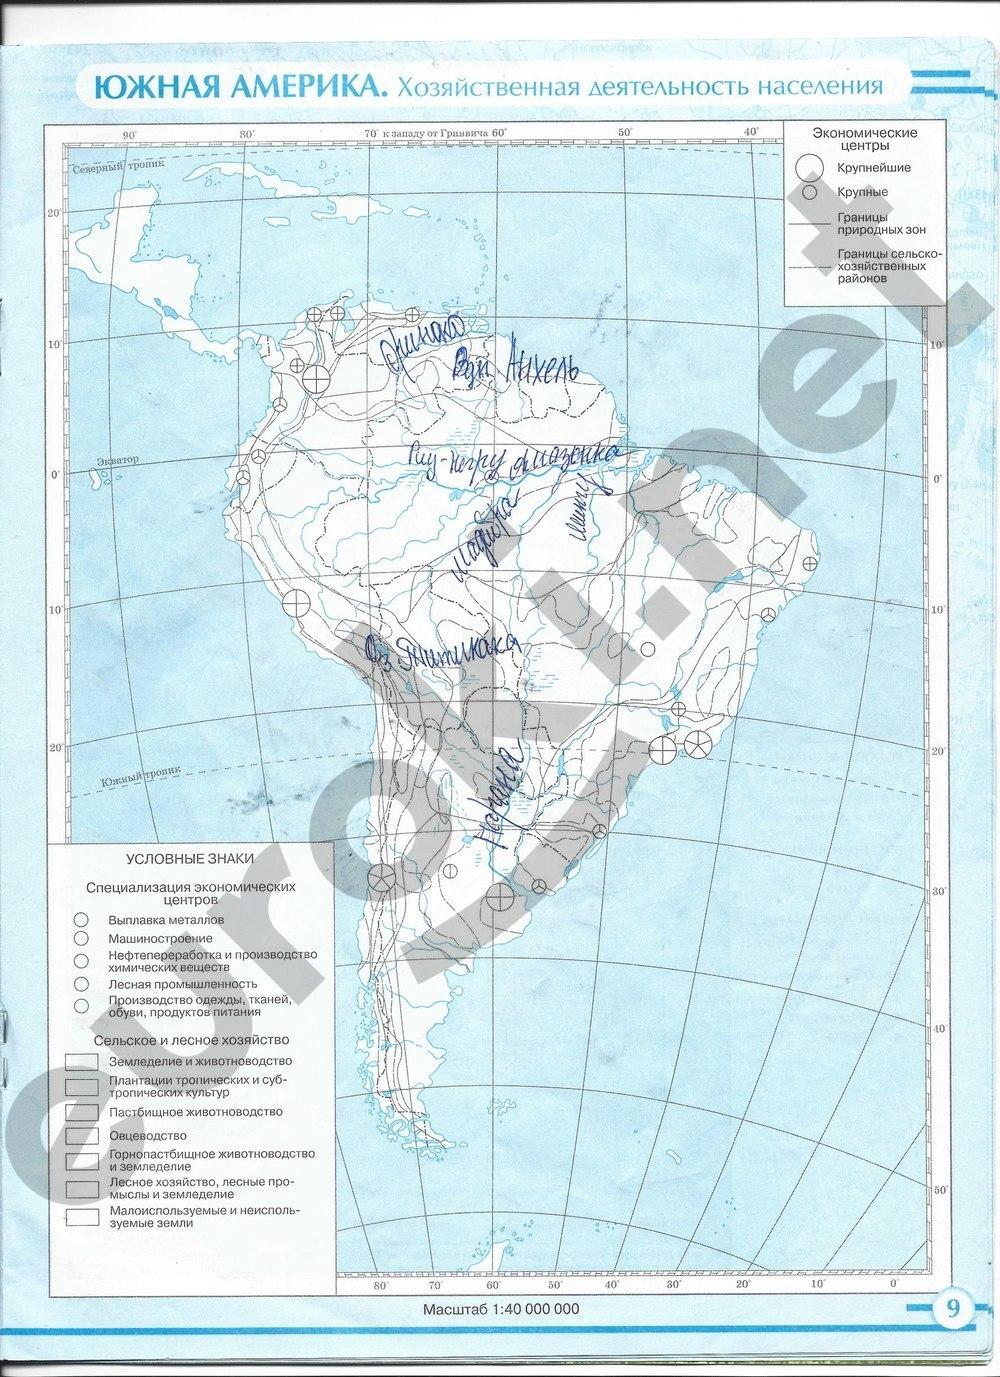 Гдз по контурной карте 8 класс география приваловский